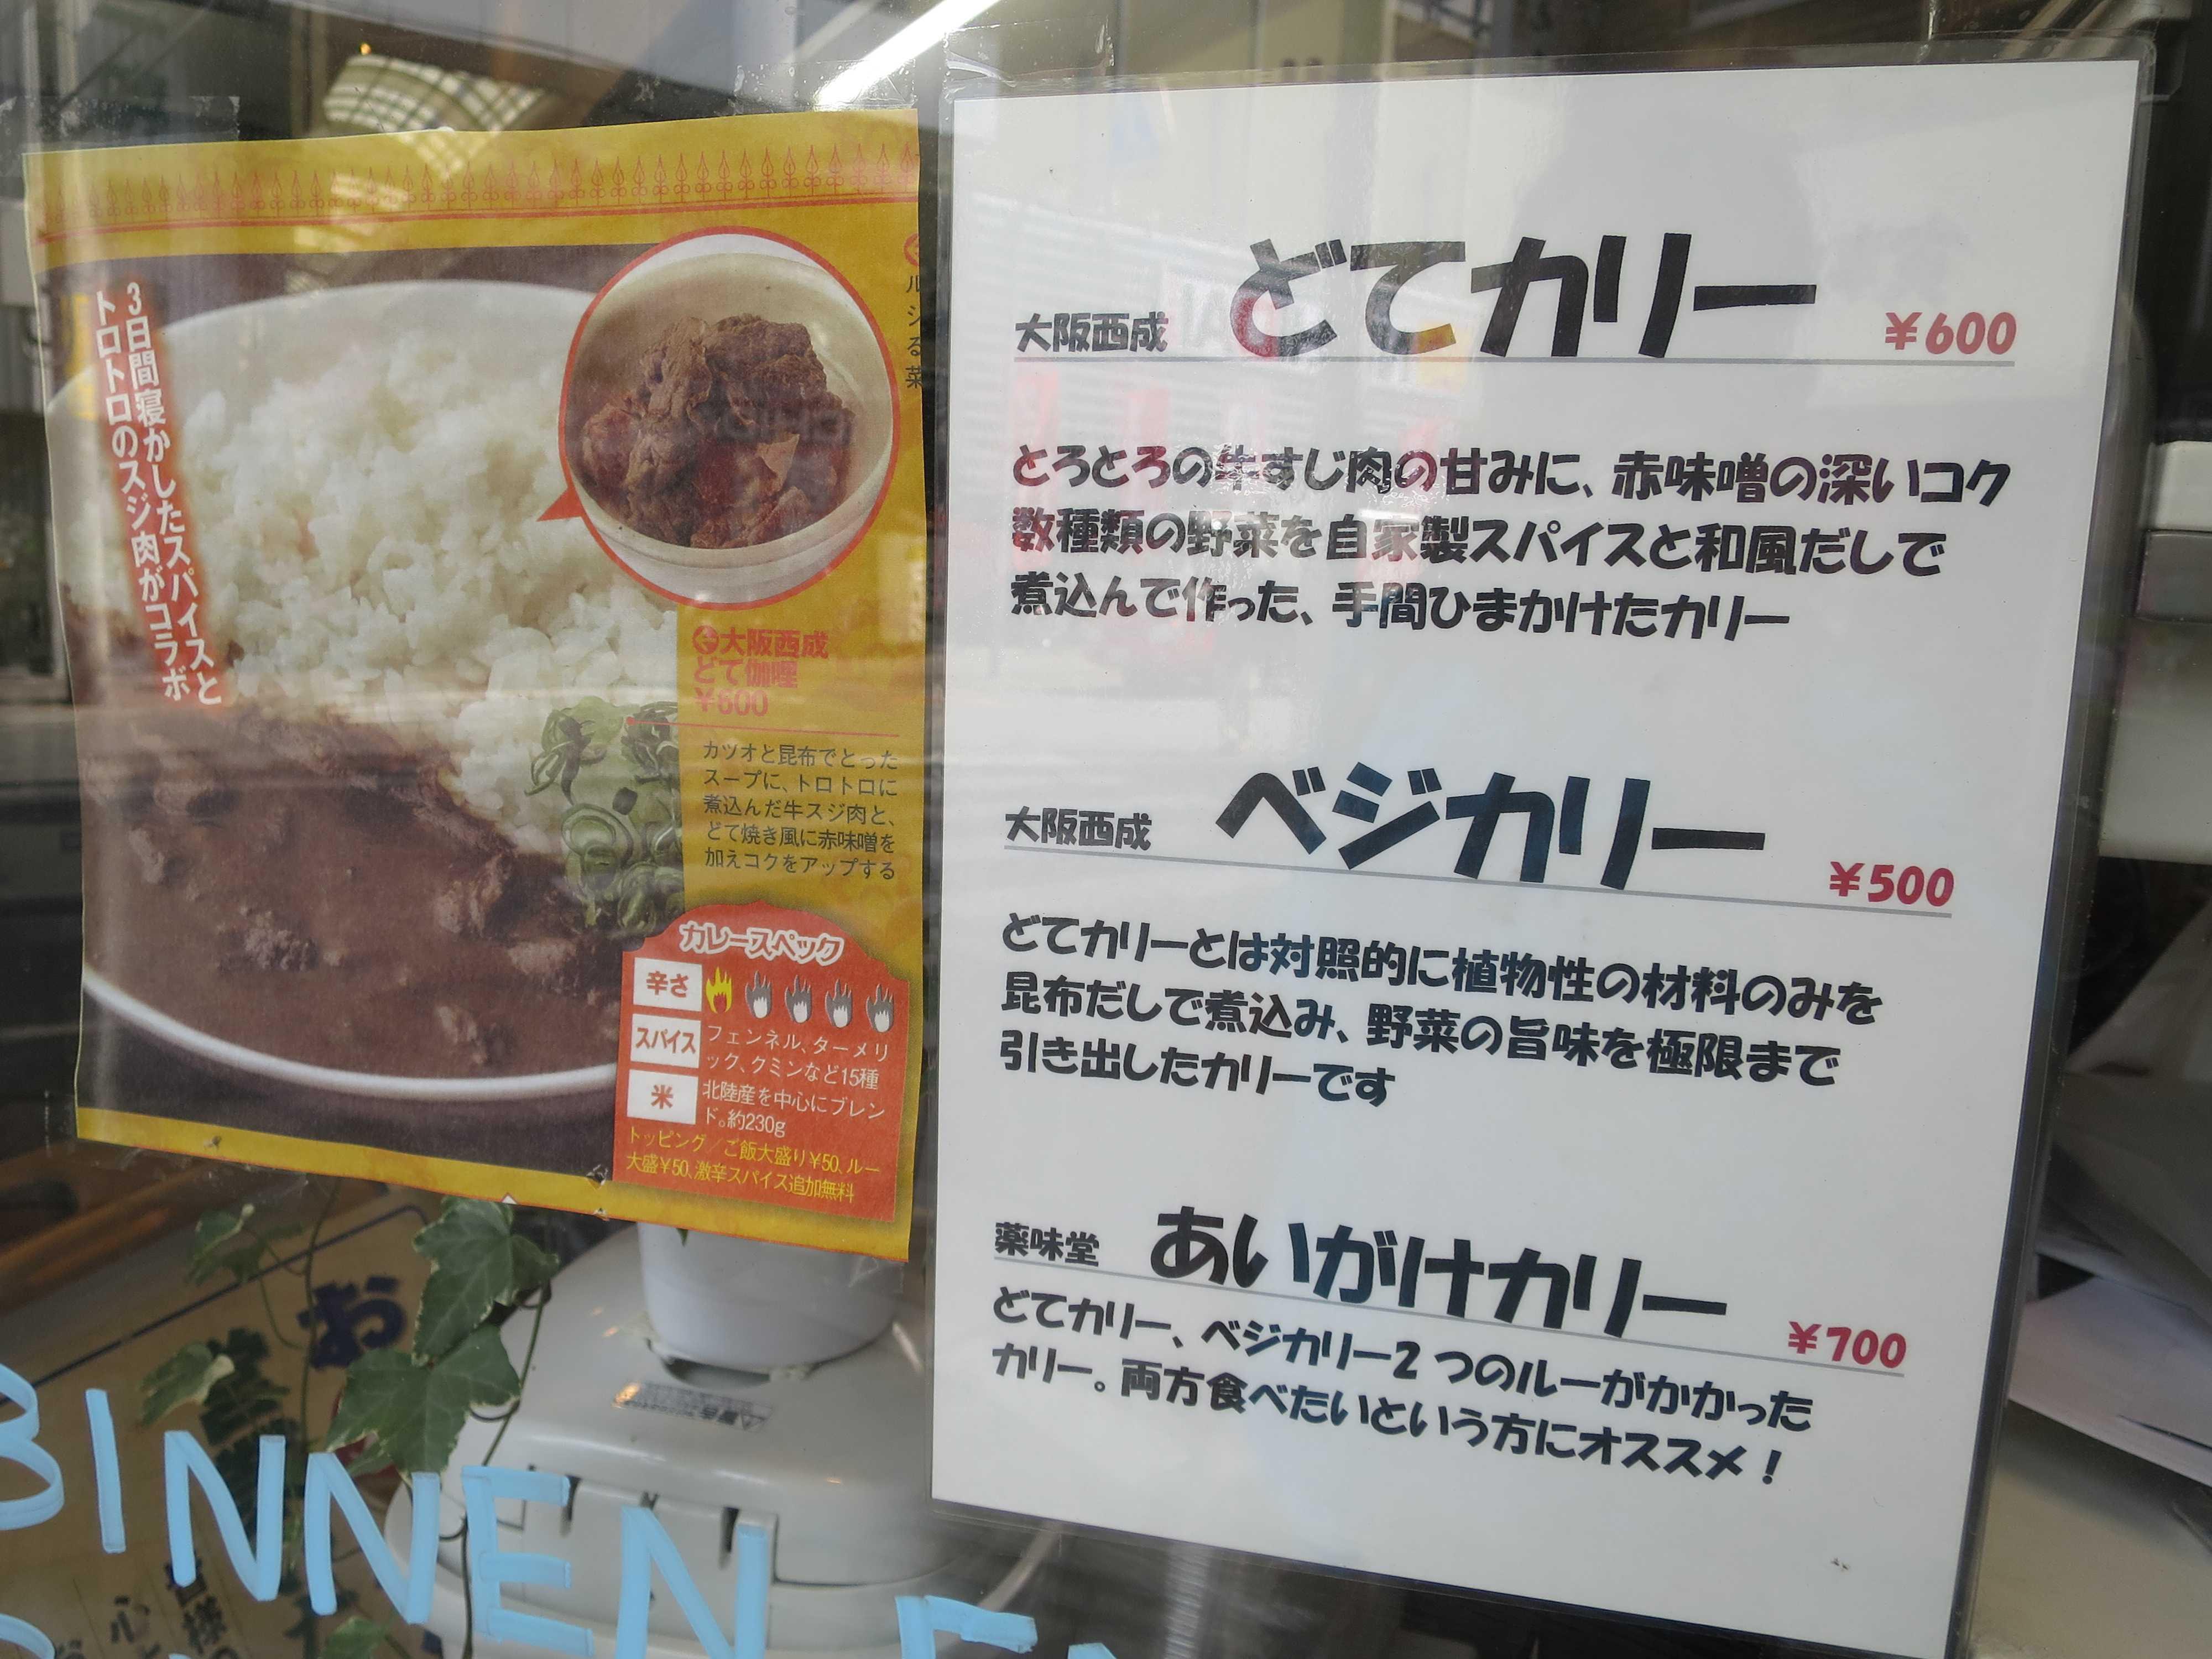 「大阪西成 どてカリー」 600円